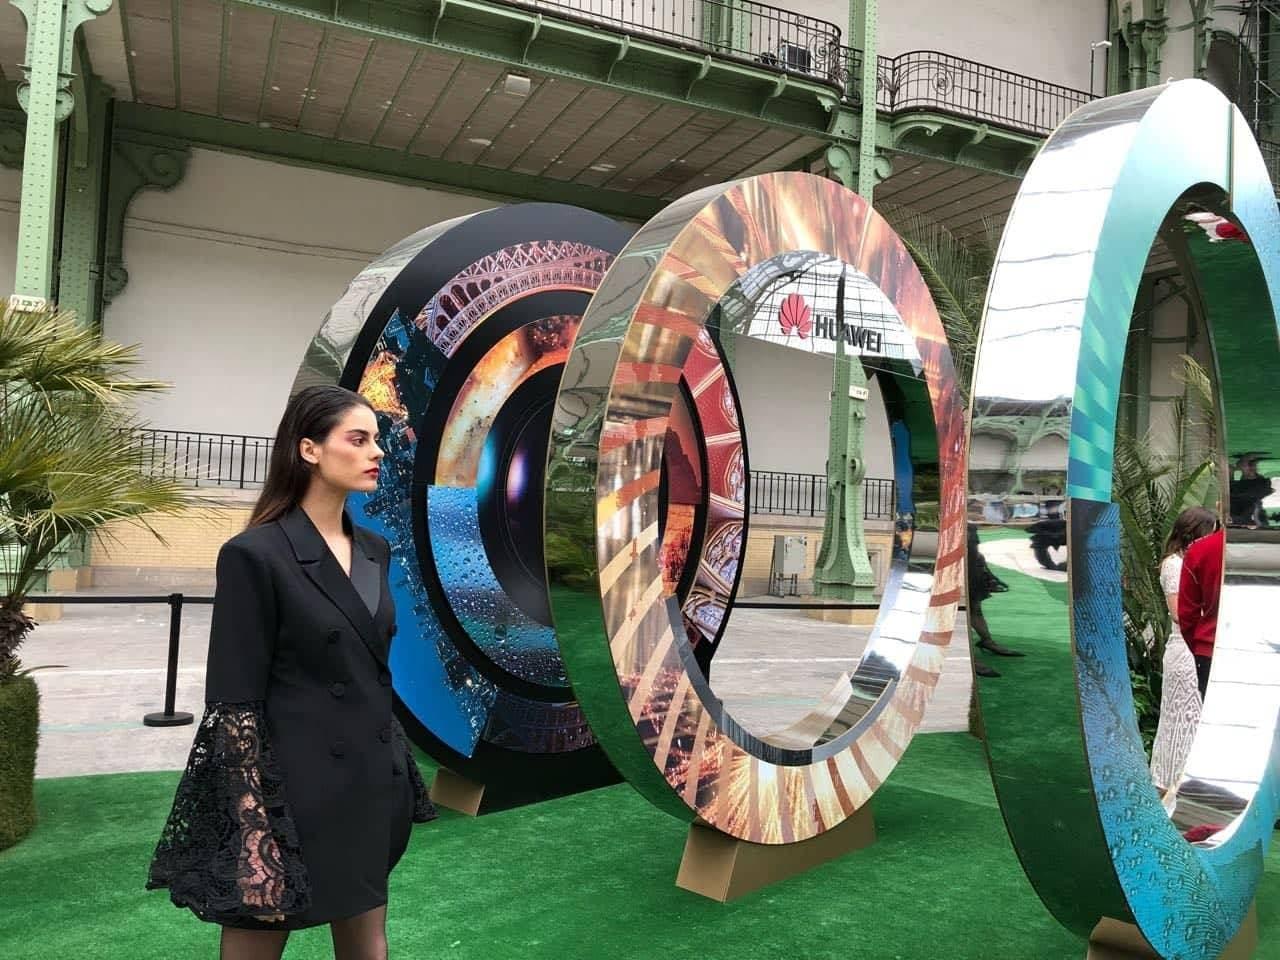 Η Huawei παρουσίασε τα νέα P20 και P20 Pro στο Παρίσι και τα Public ήταν εκεί!